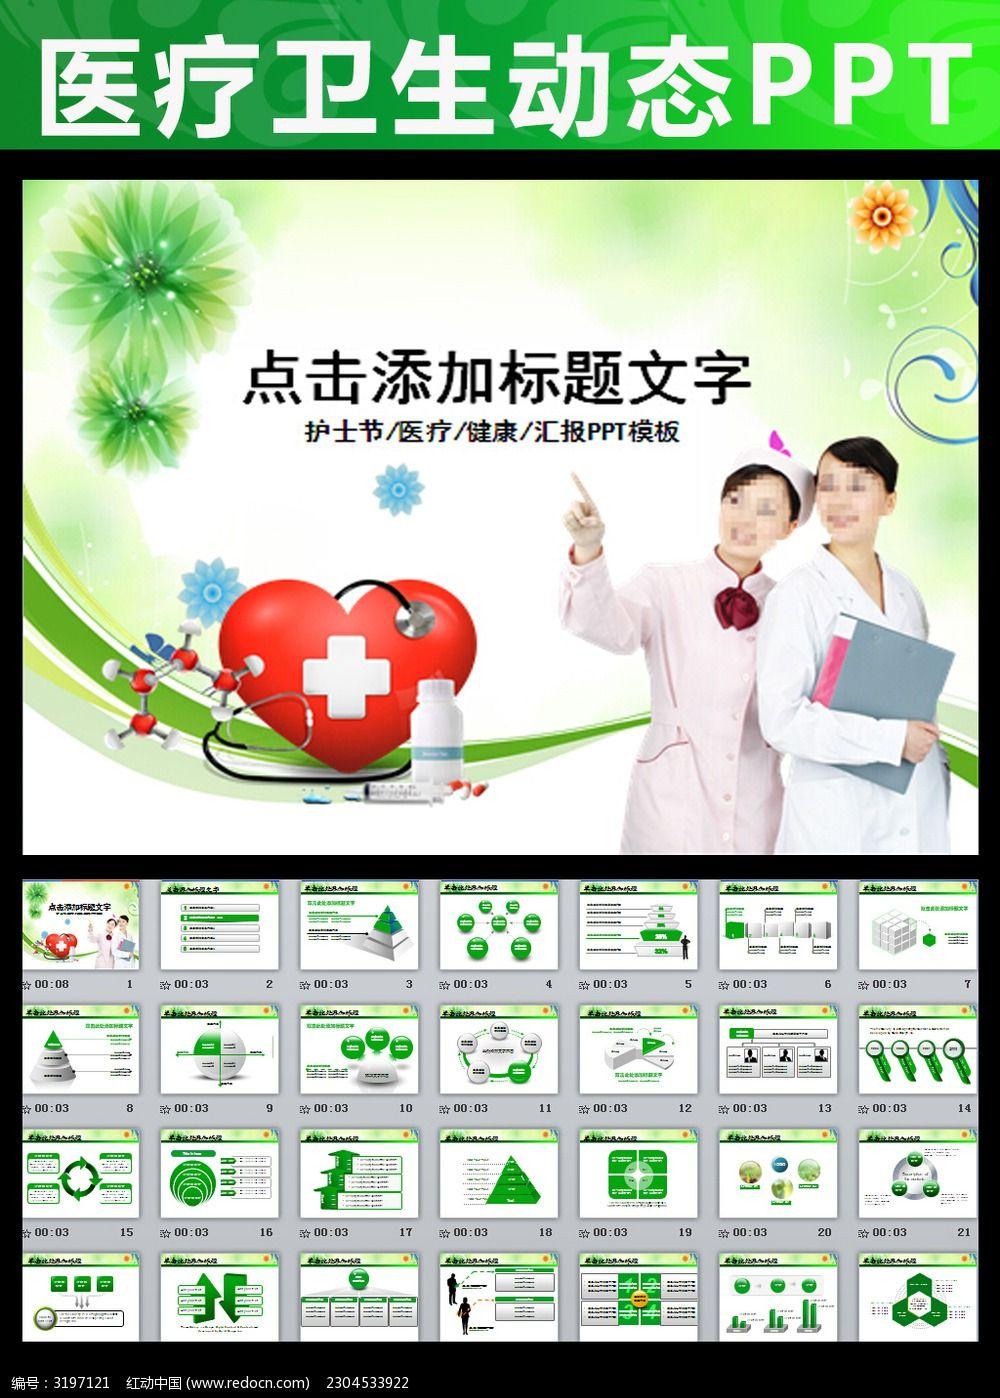 制药厂医药医院医生护士医疗绿色ppt图片